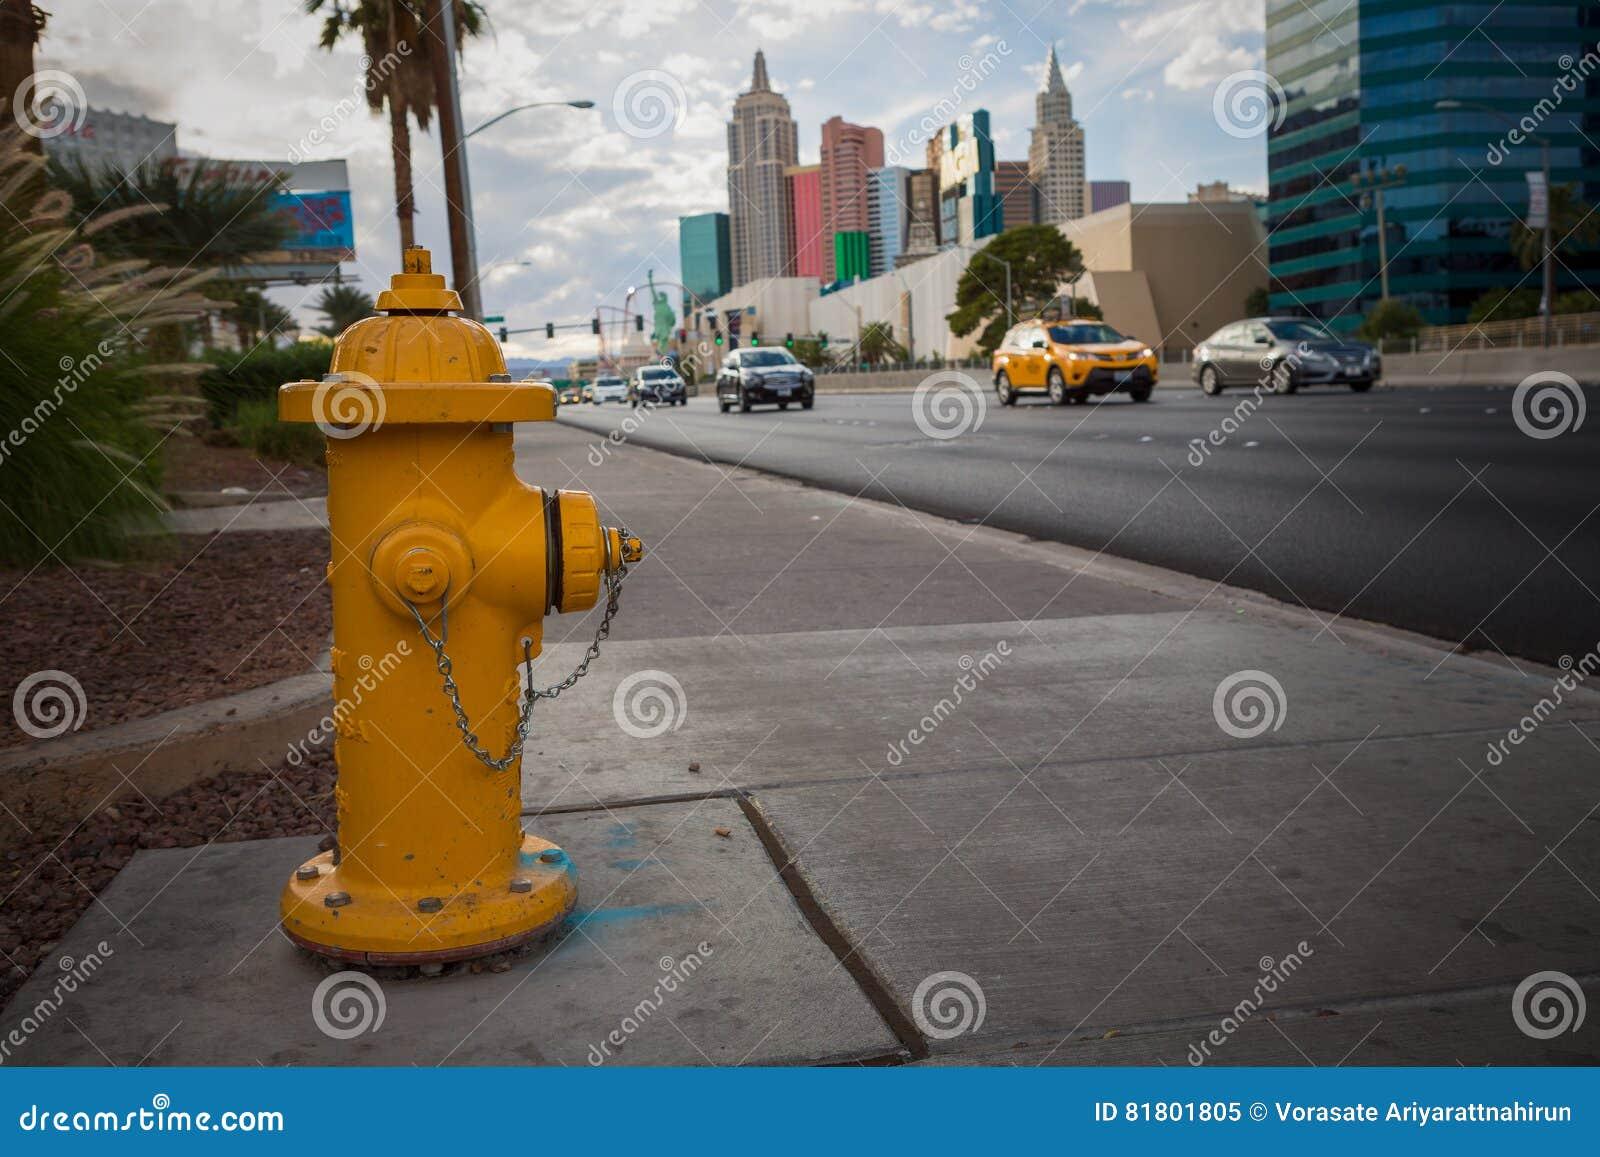 Желтый жидкостный огнетушитель на дороге